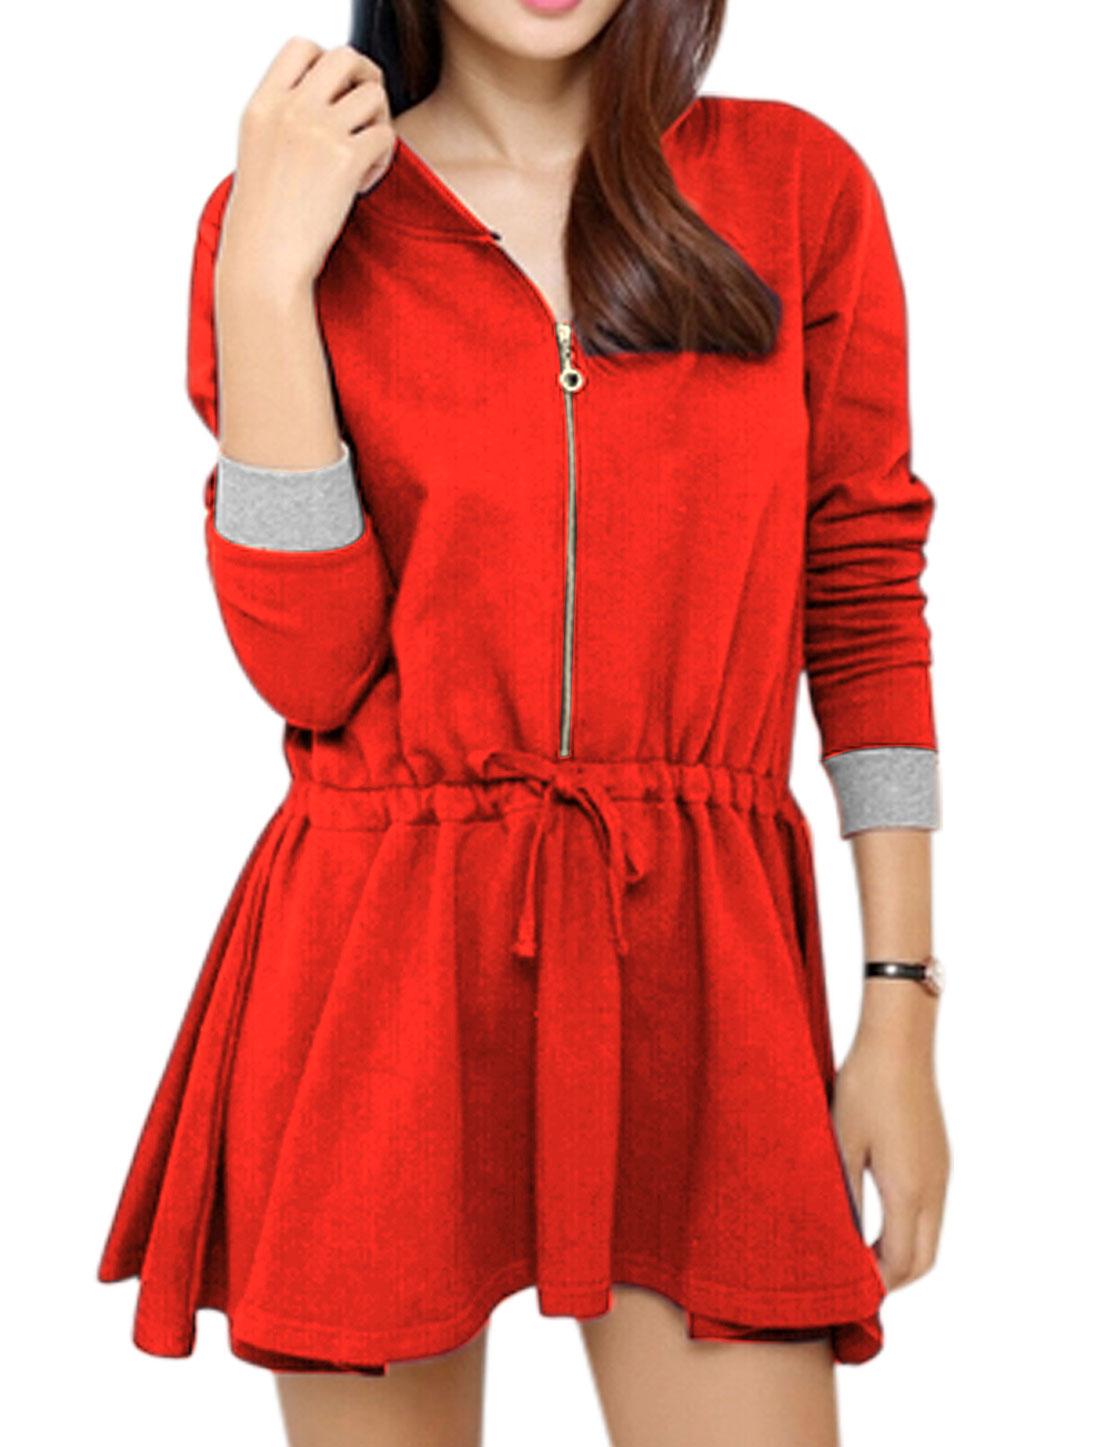 Ladies Hooded Long Sleeve Zip Up Leisure Tunic Top Orange Red S